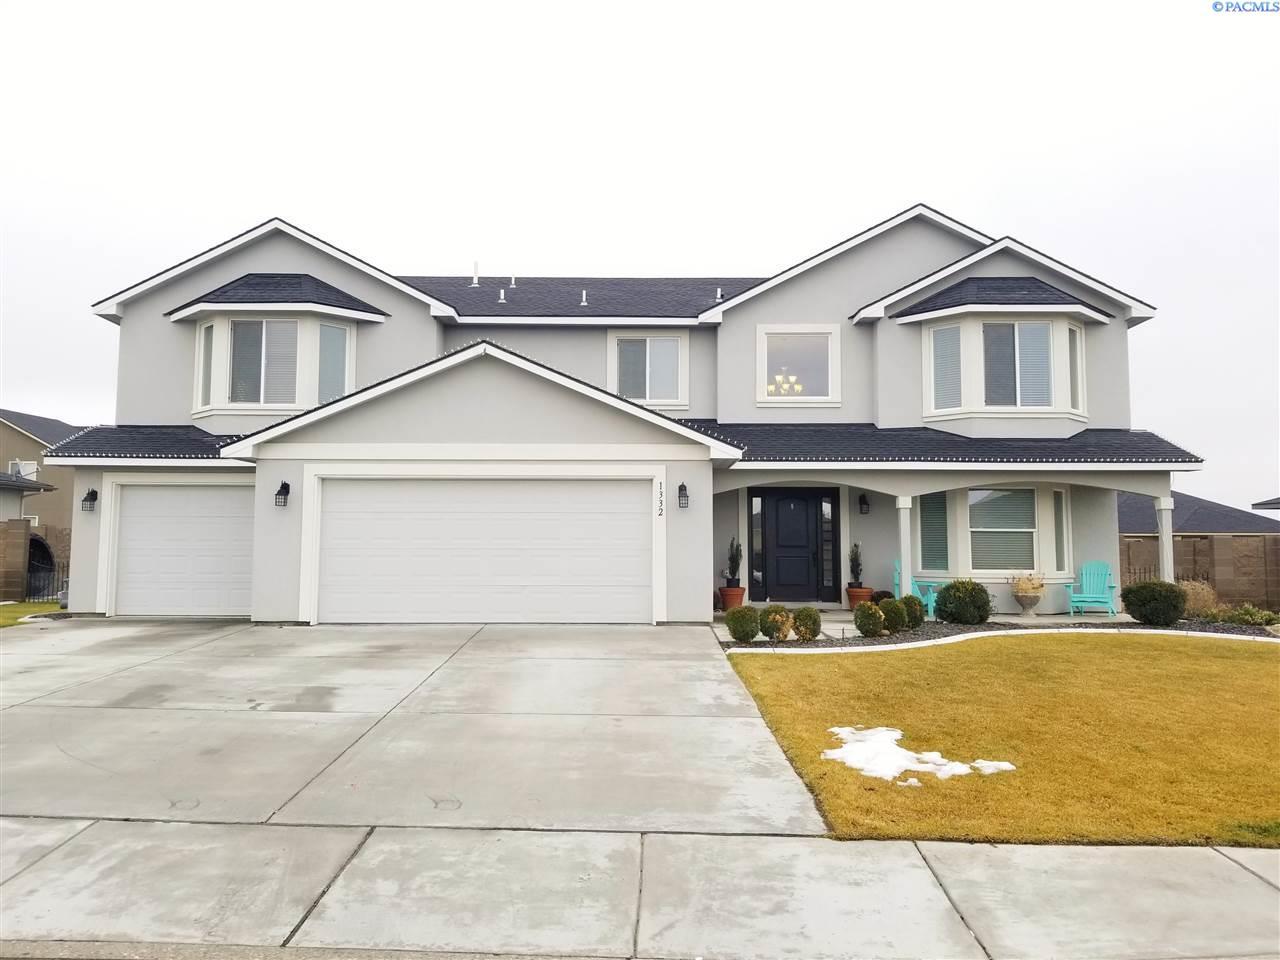 Single Family Home for Sale at 1332 Onyx Avenue 1332 Onyx Avenue West Richland, Washington 99353 United States